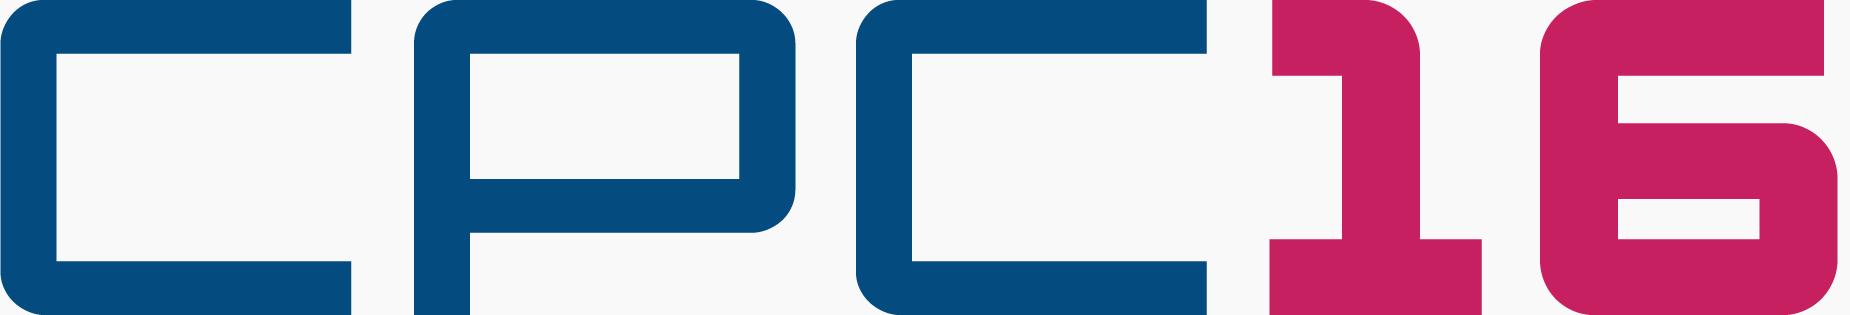 CPC16_logo